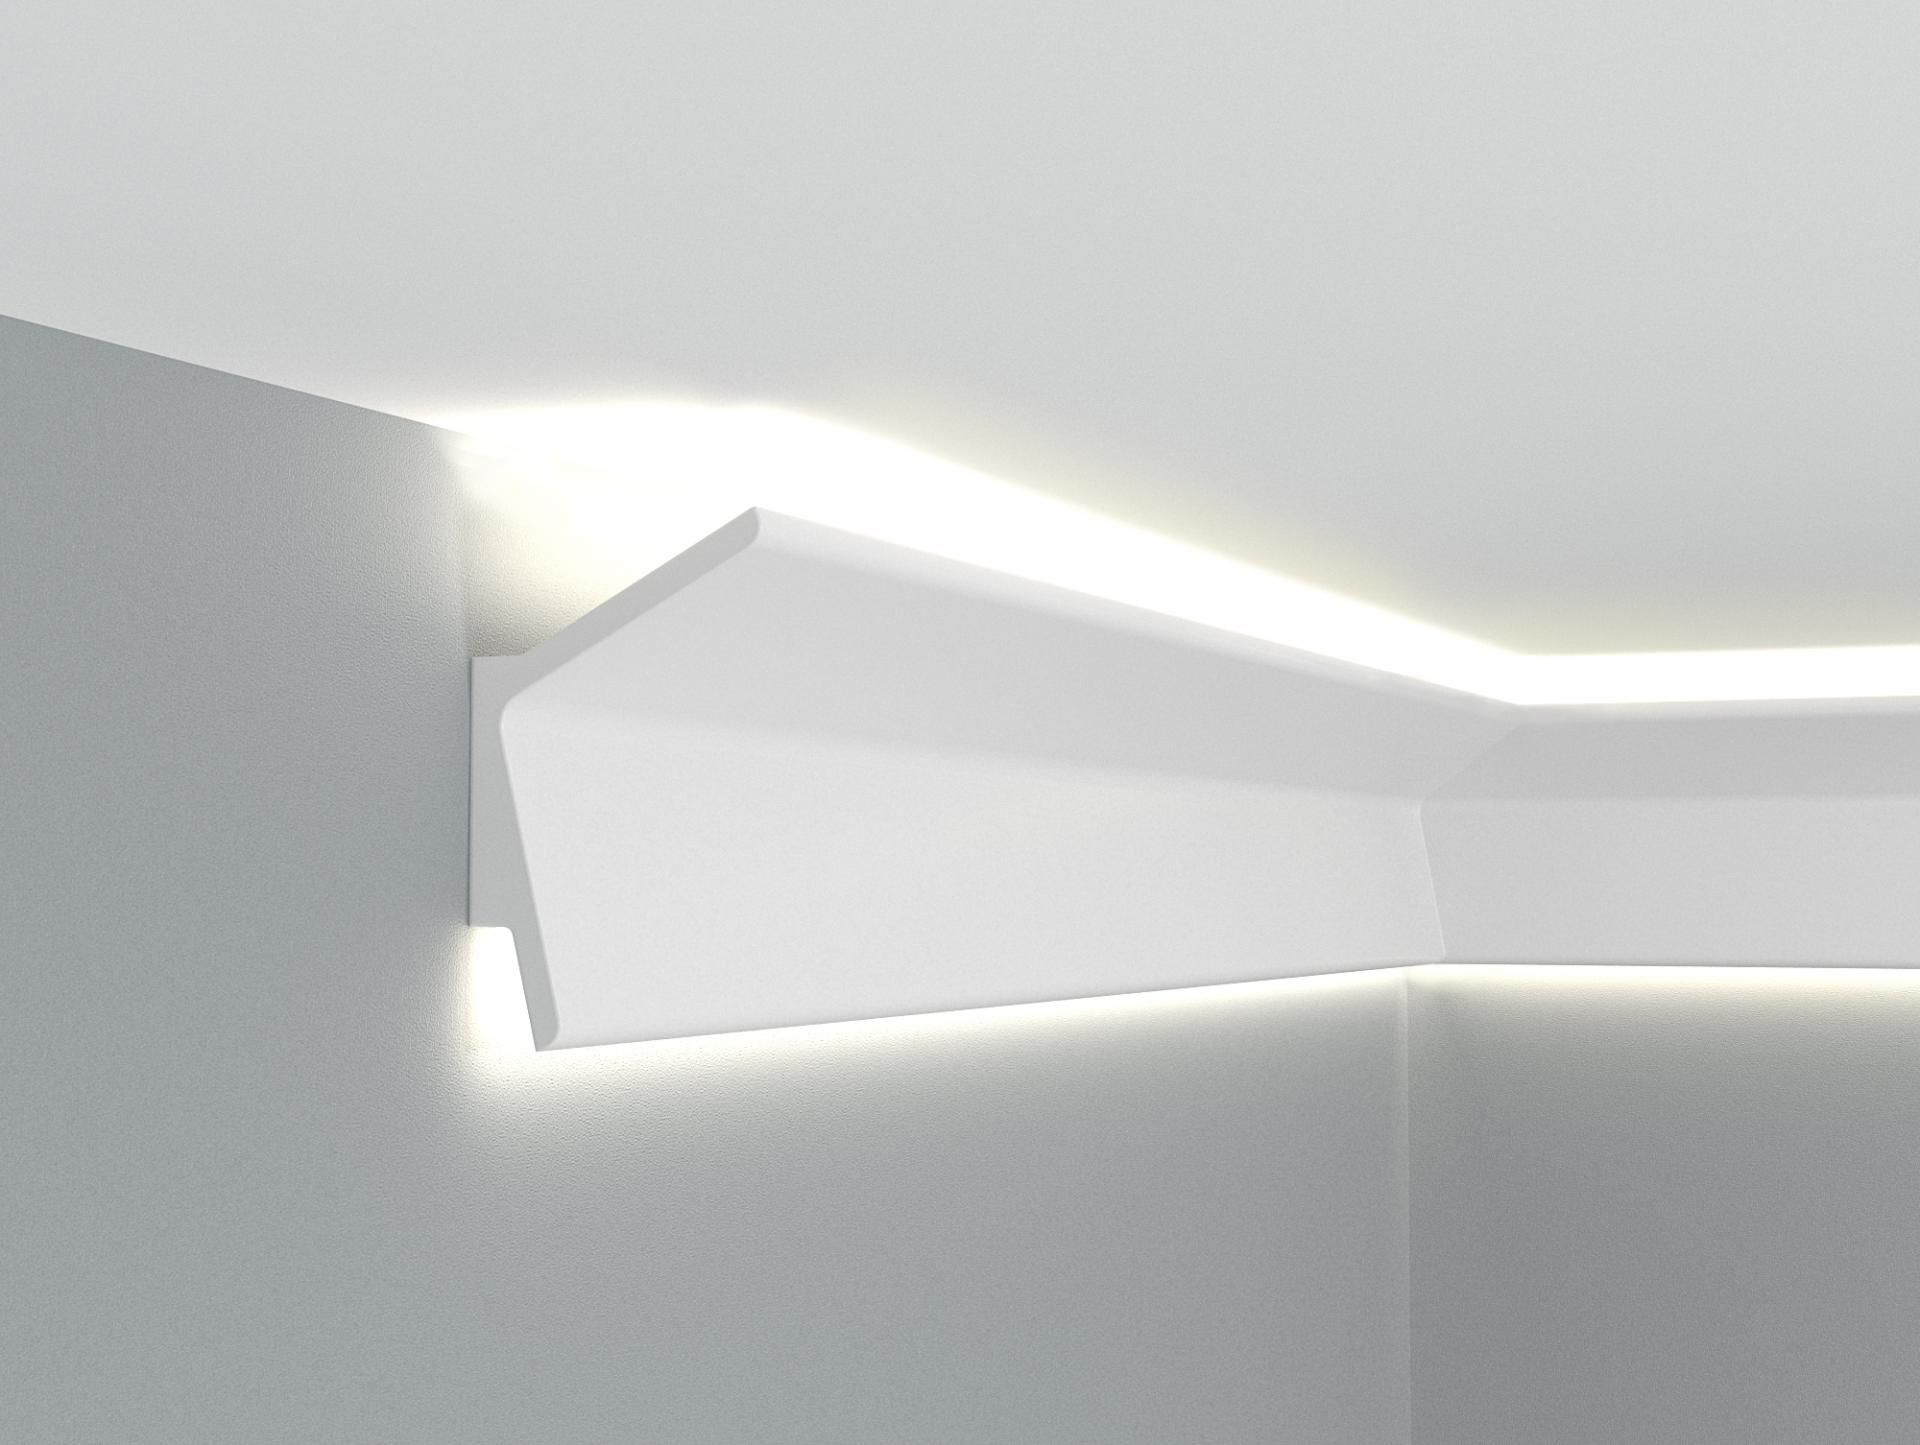 Corniche Lumineuse Download By Corniche Lumineuse Led Et Spots Au Plafond Corniche Lumineuse Corniche Pla Ceiling Light Design Interior Lighting Ceiling Design